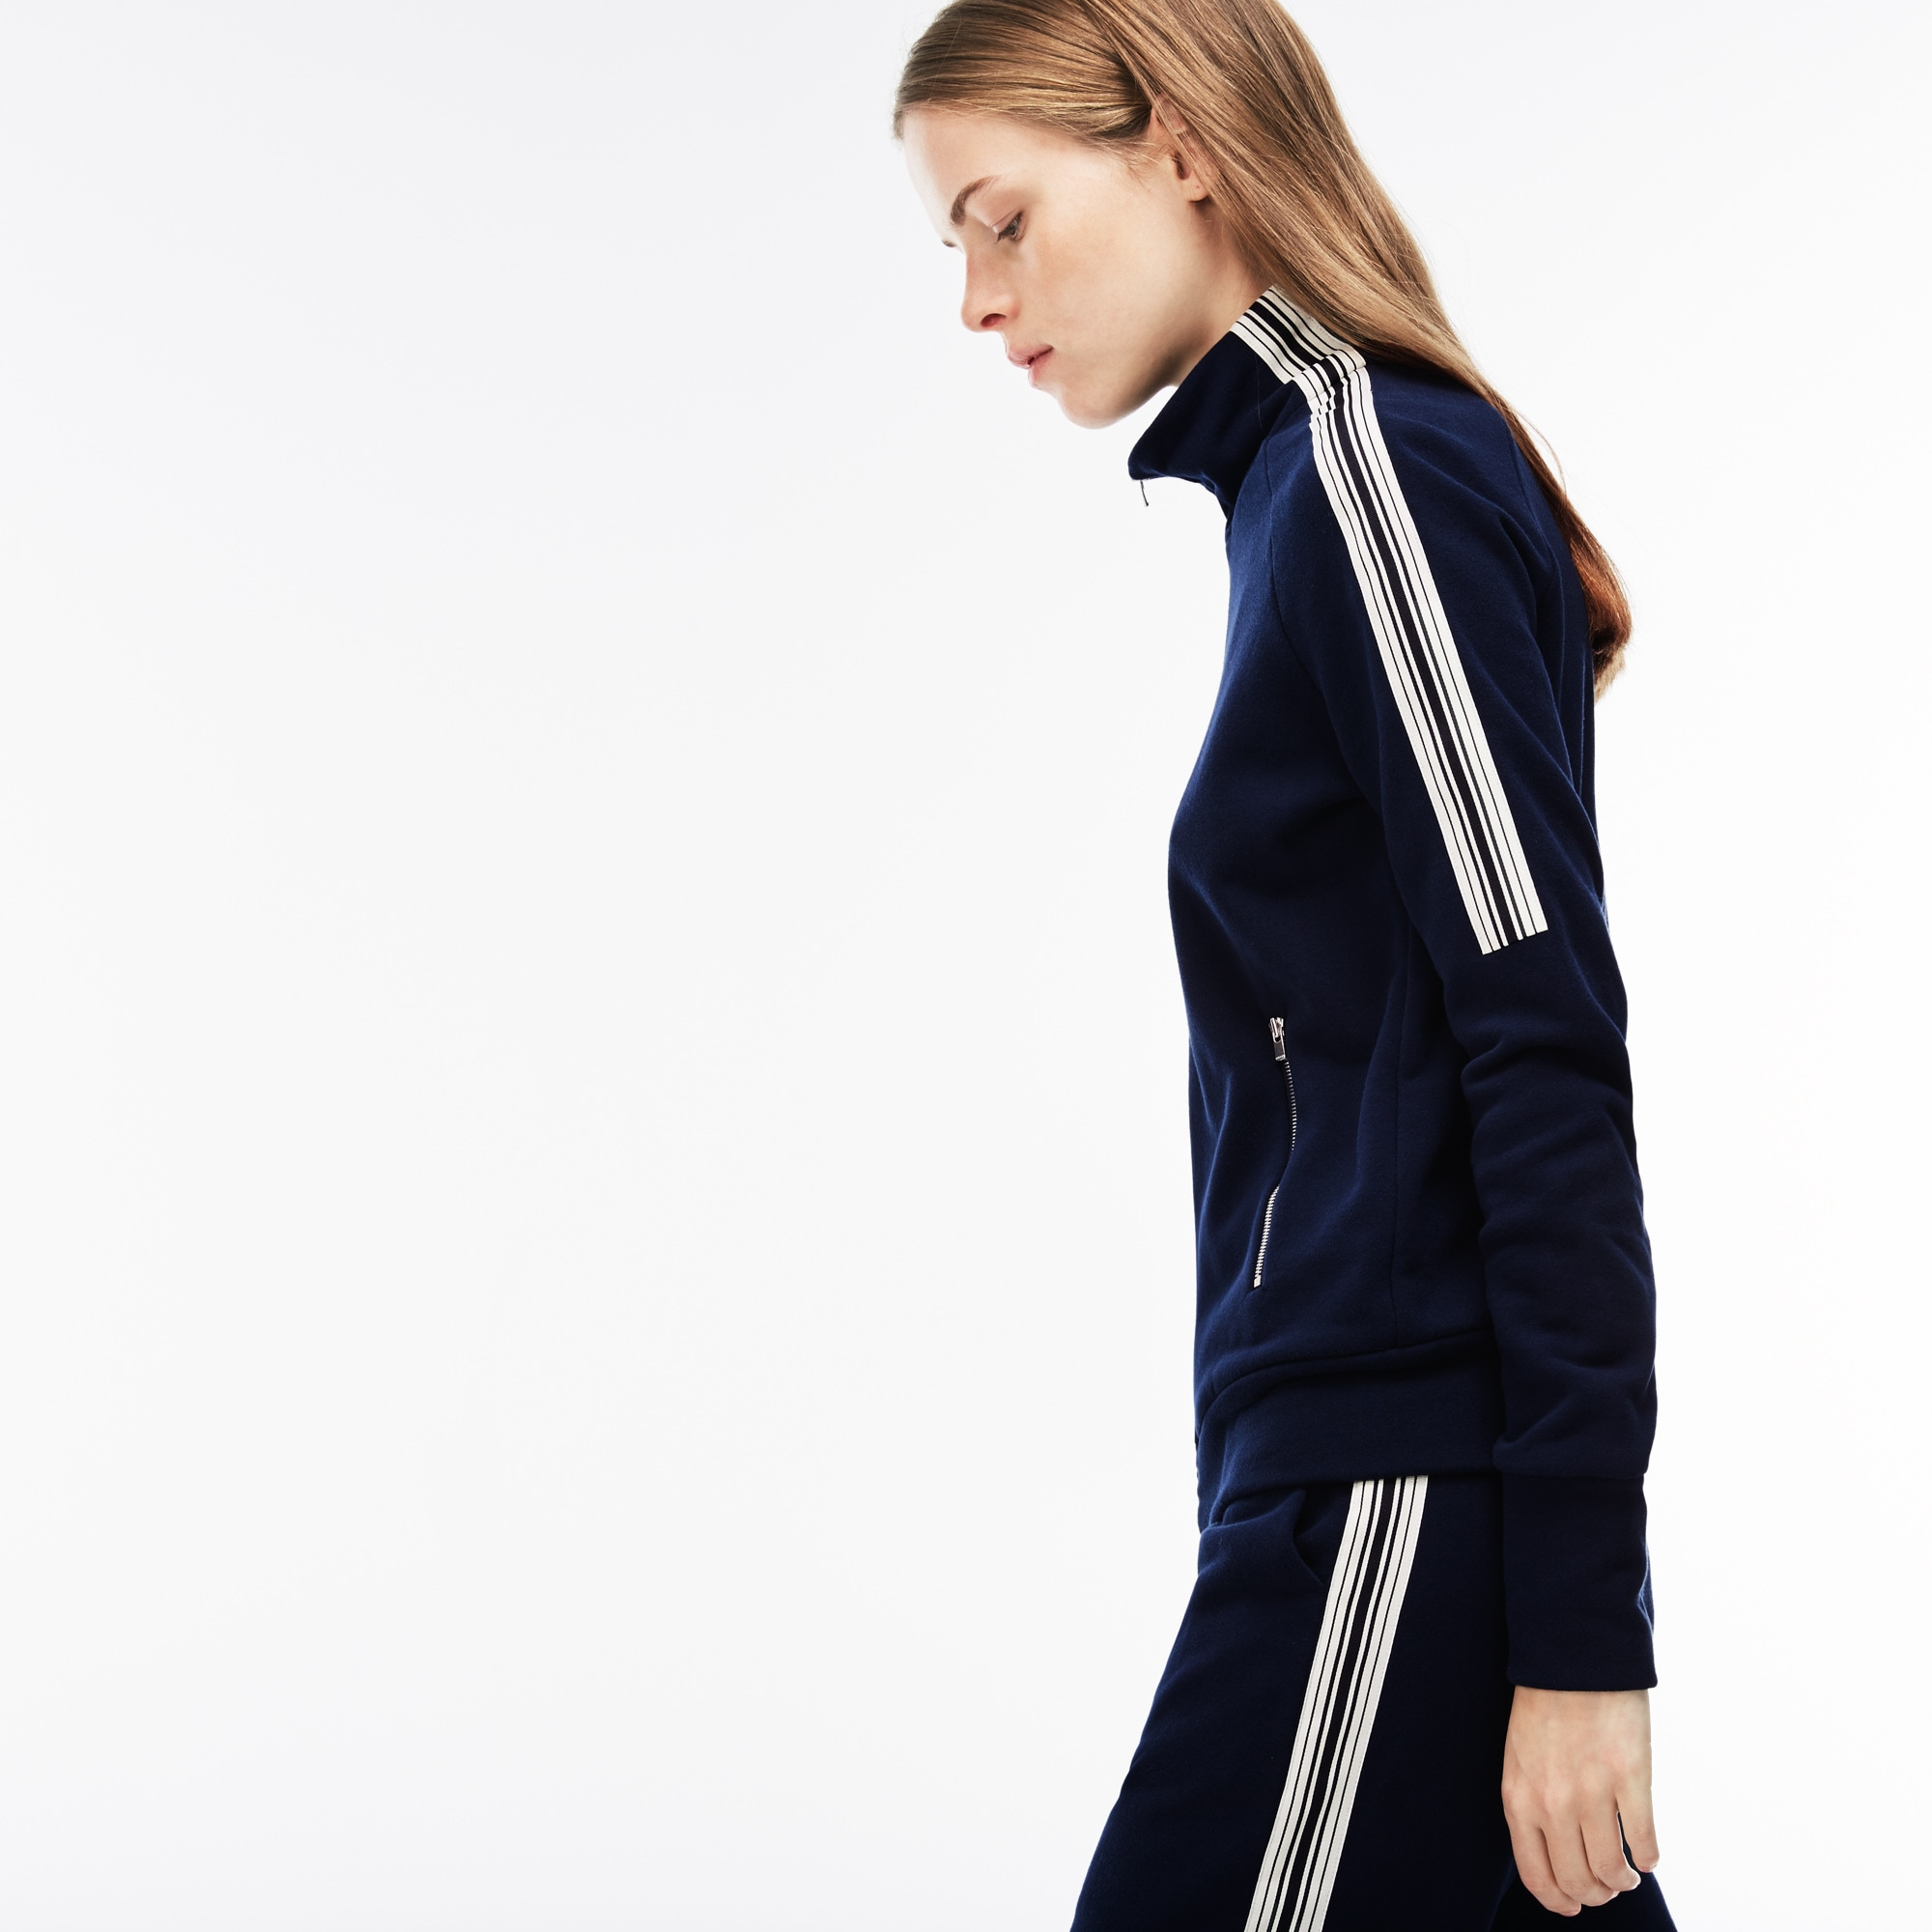 Women's Contrast Bands Crepe Fleece Zip Sweatshirt